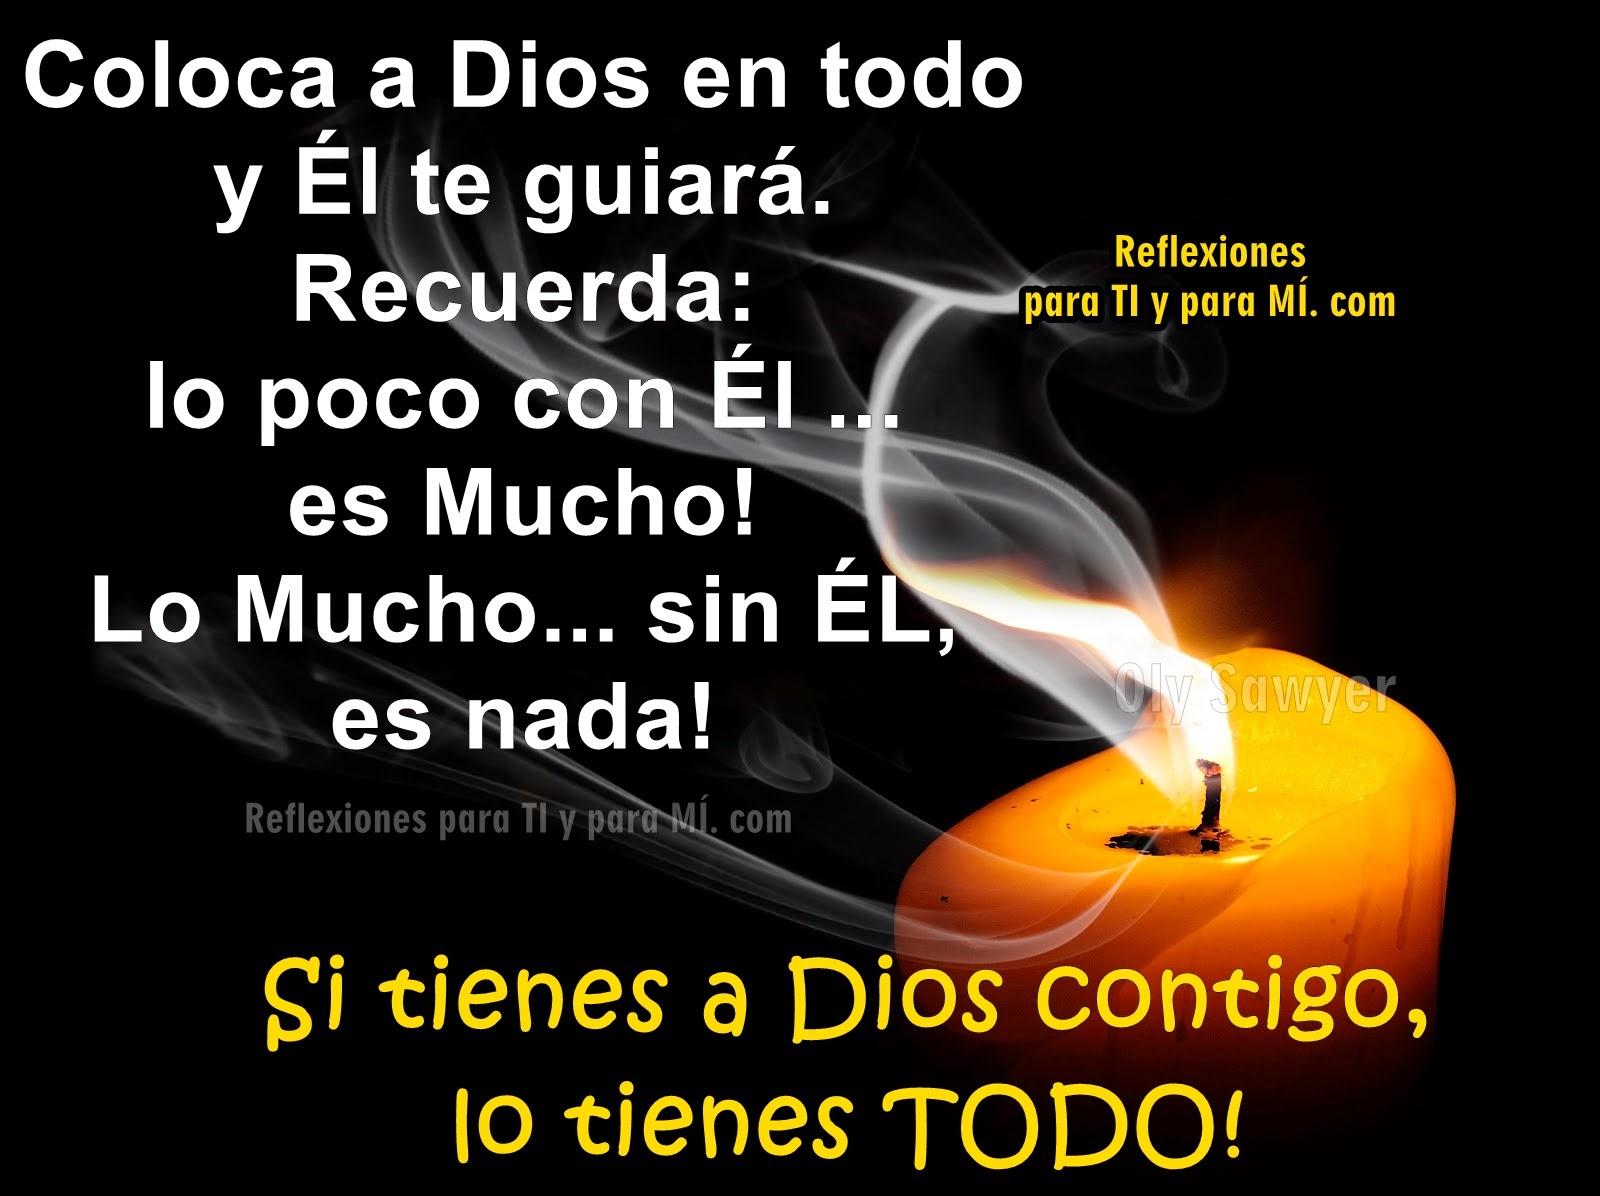 Si tienes a Dios contigo, lo tienes TODO!